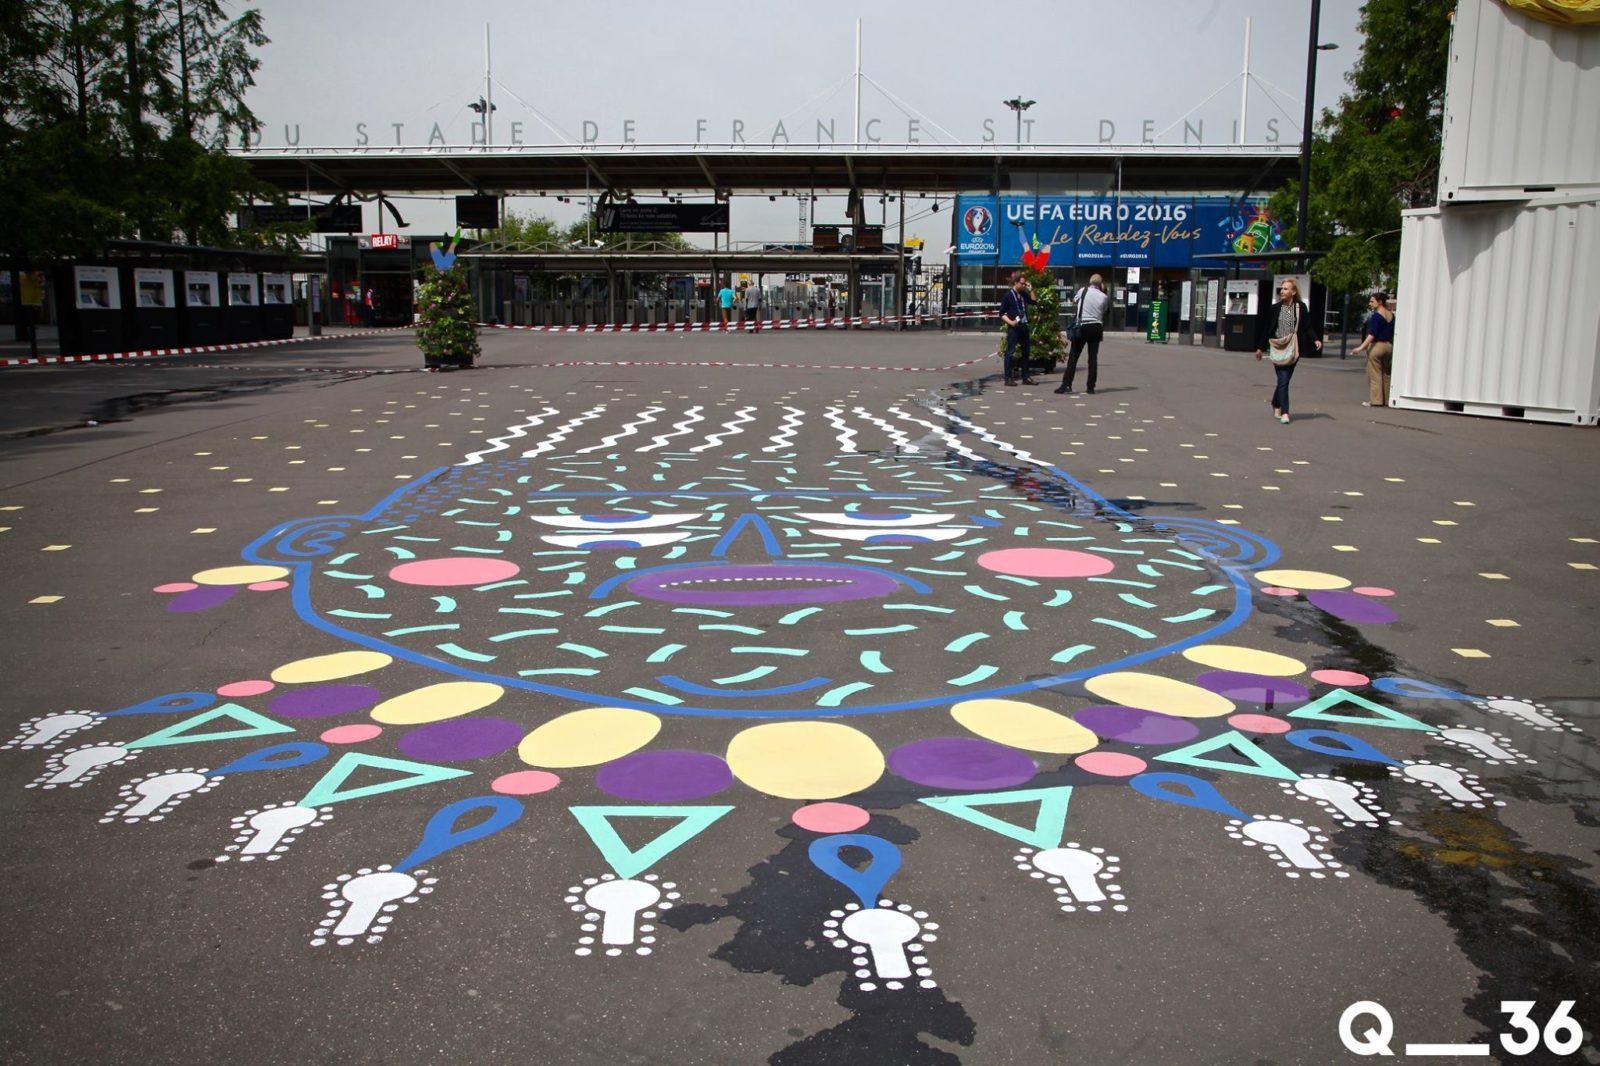 arturbain murales quai 36 kashink euro - Quai 36 invite des street artistes à colorer halls de gare et palissades de chantiers